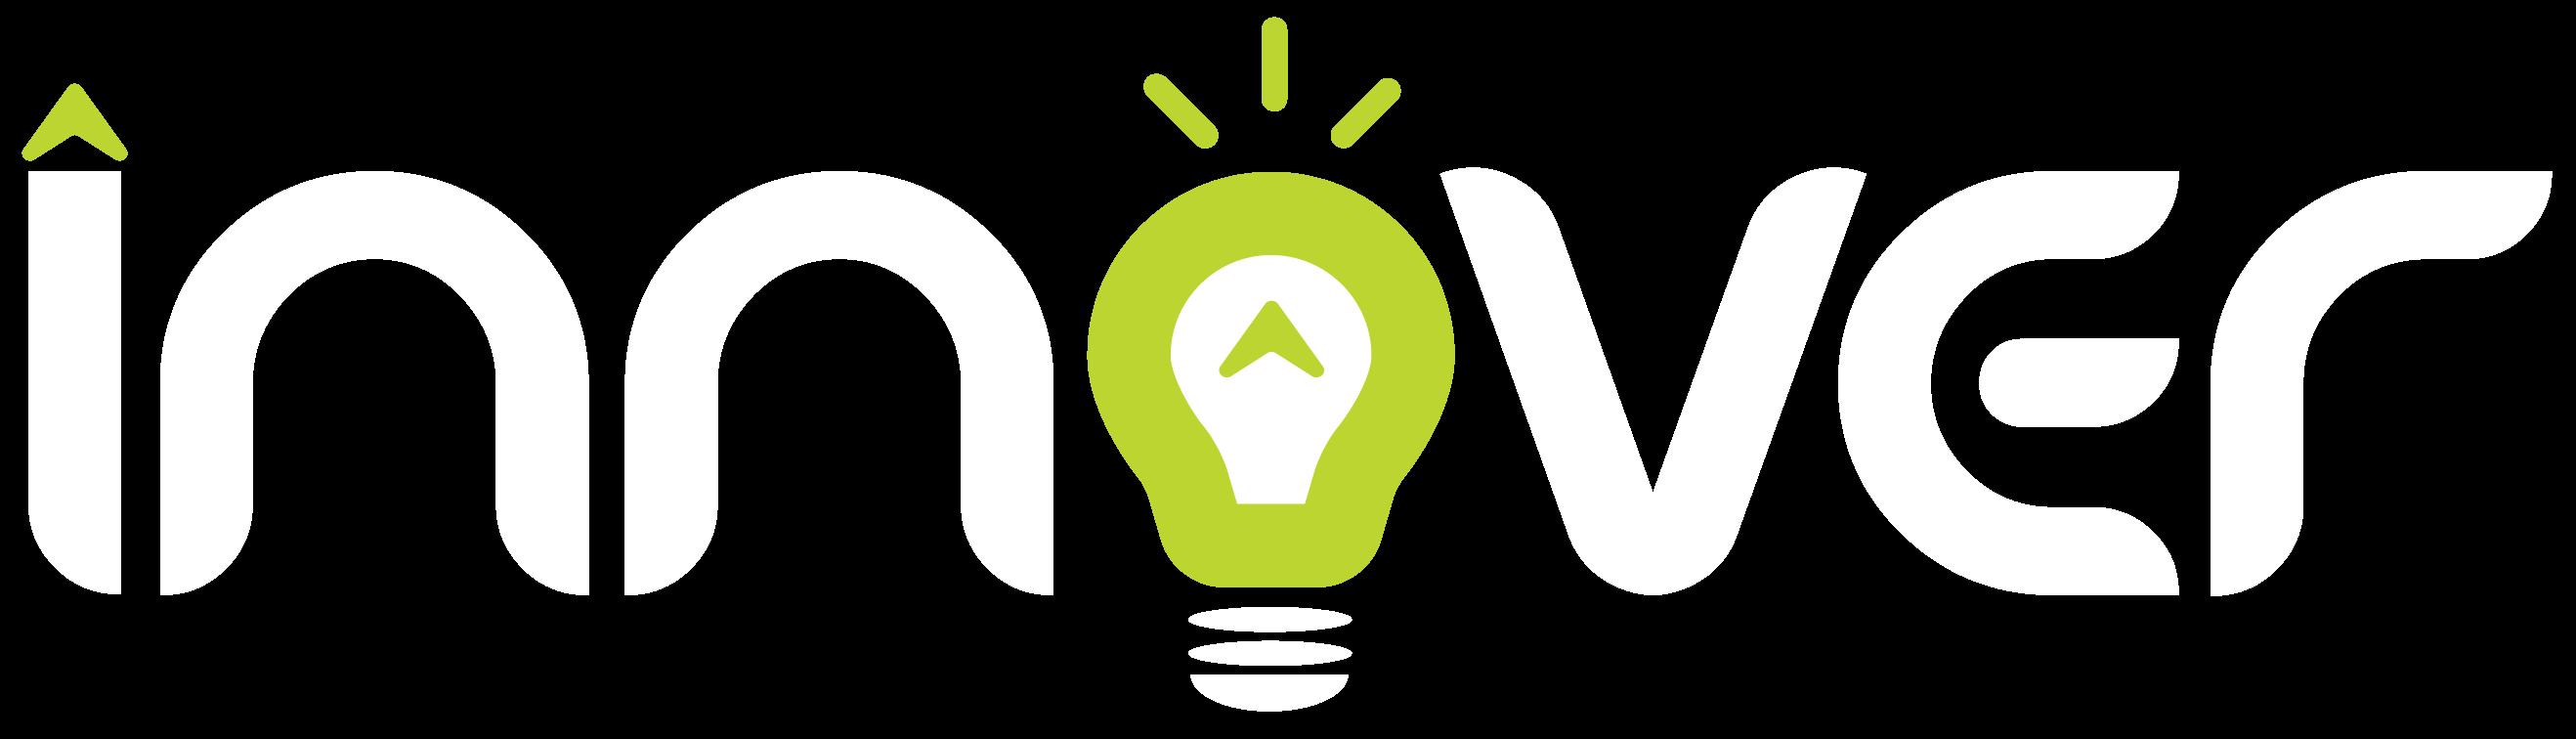 Logo - Innover Digital